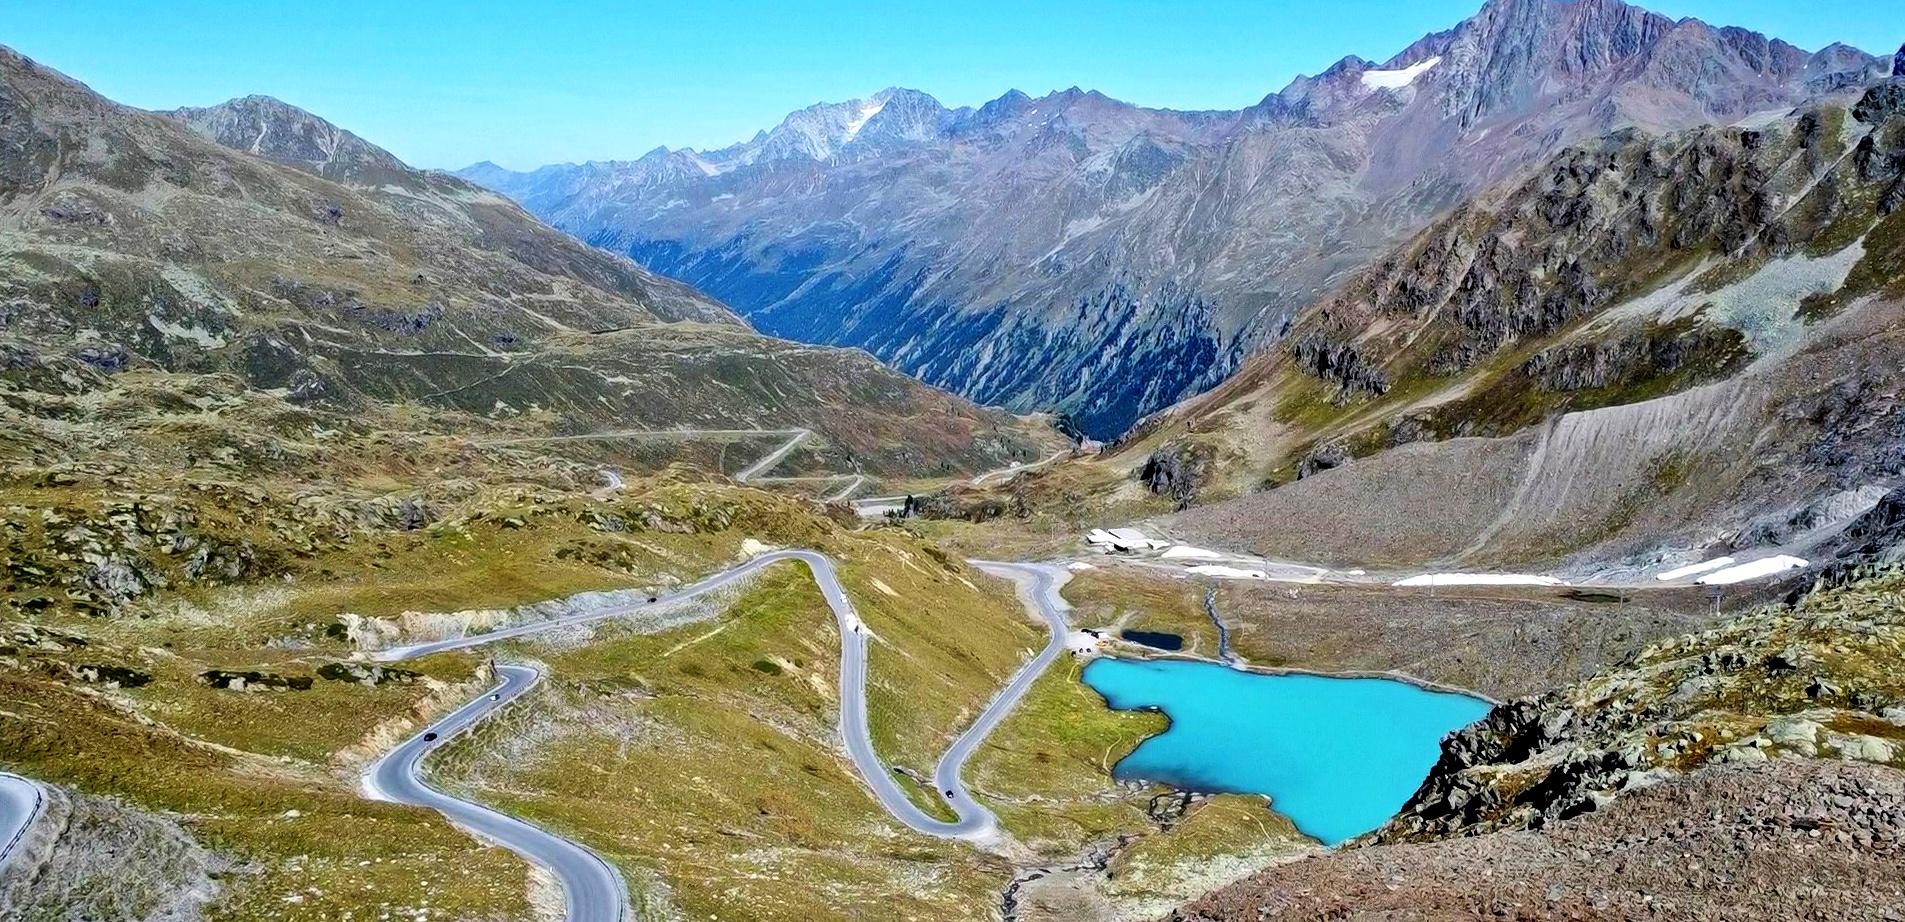 droga pod lodowiec Kaunertal  najpiękniejsza droga alpejska Austria